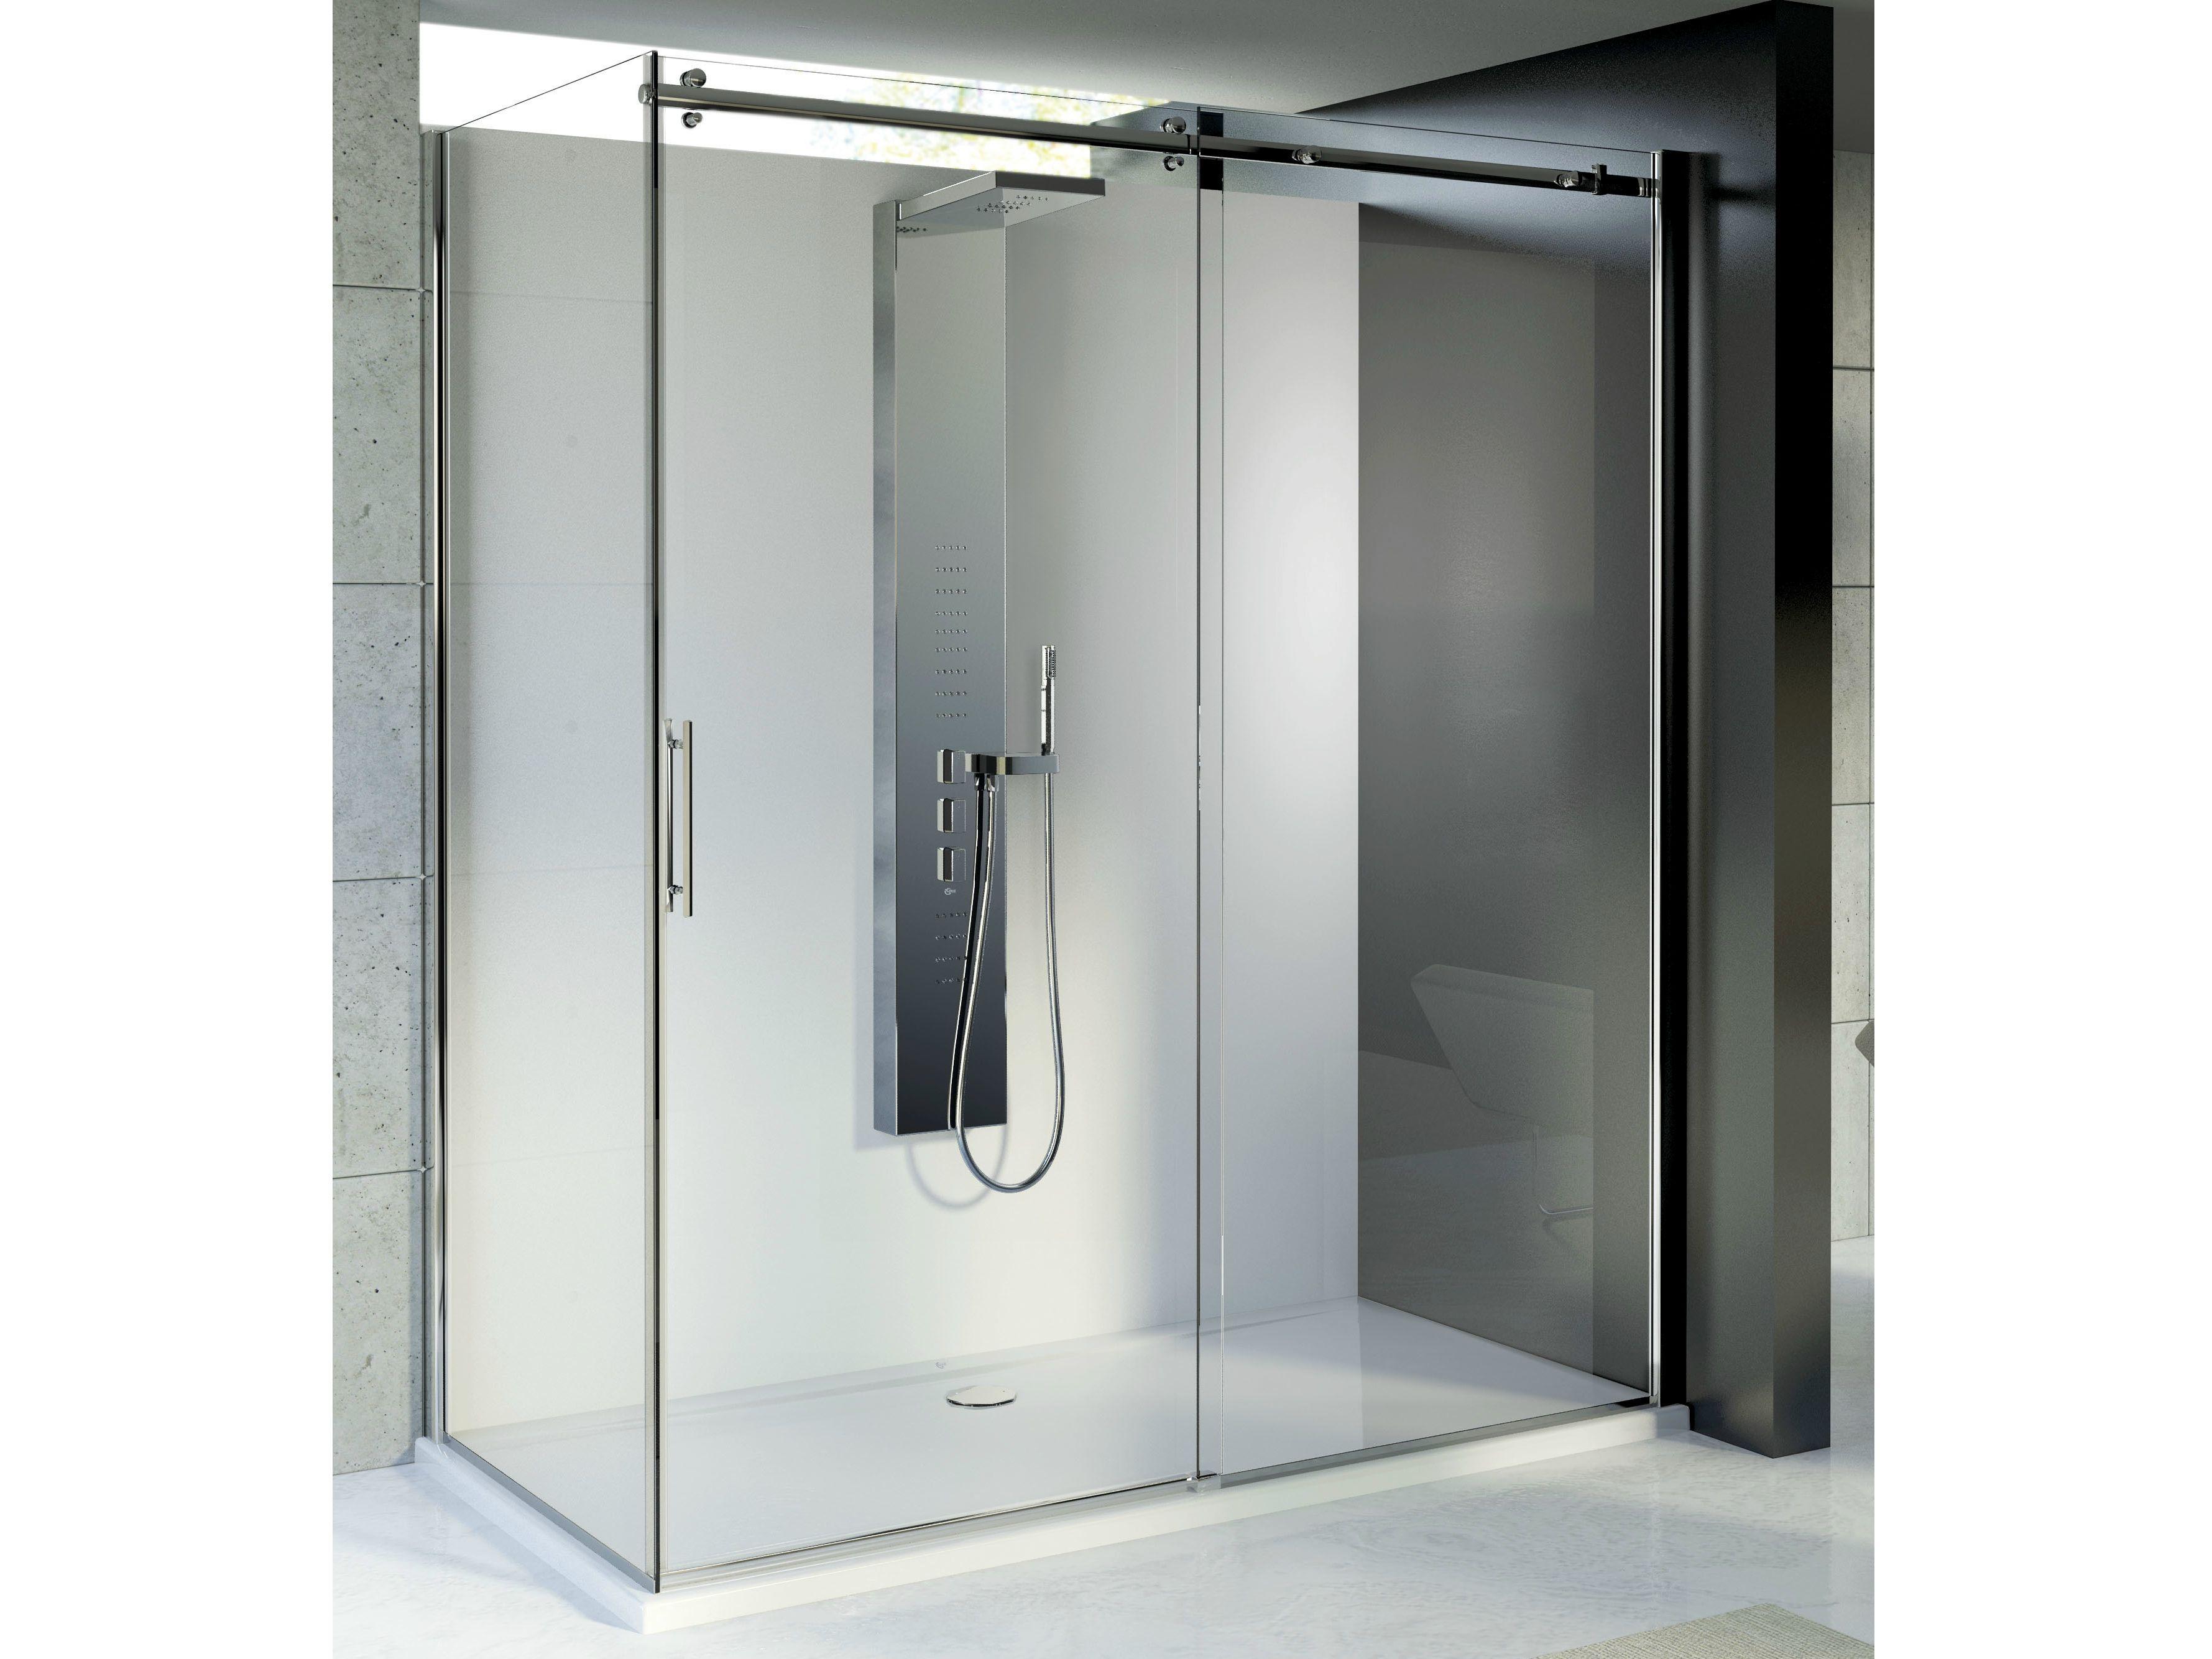 Magnum box doccia con porte scorrevoli by ideal standard - Porte scorrevoli bagno ...